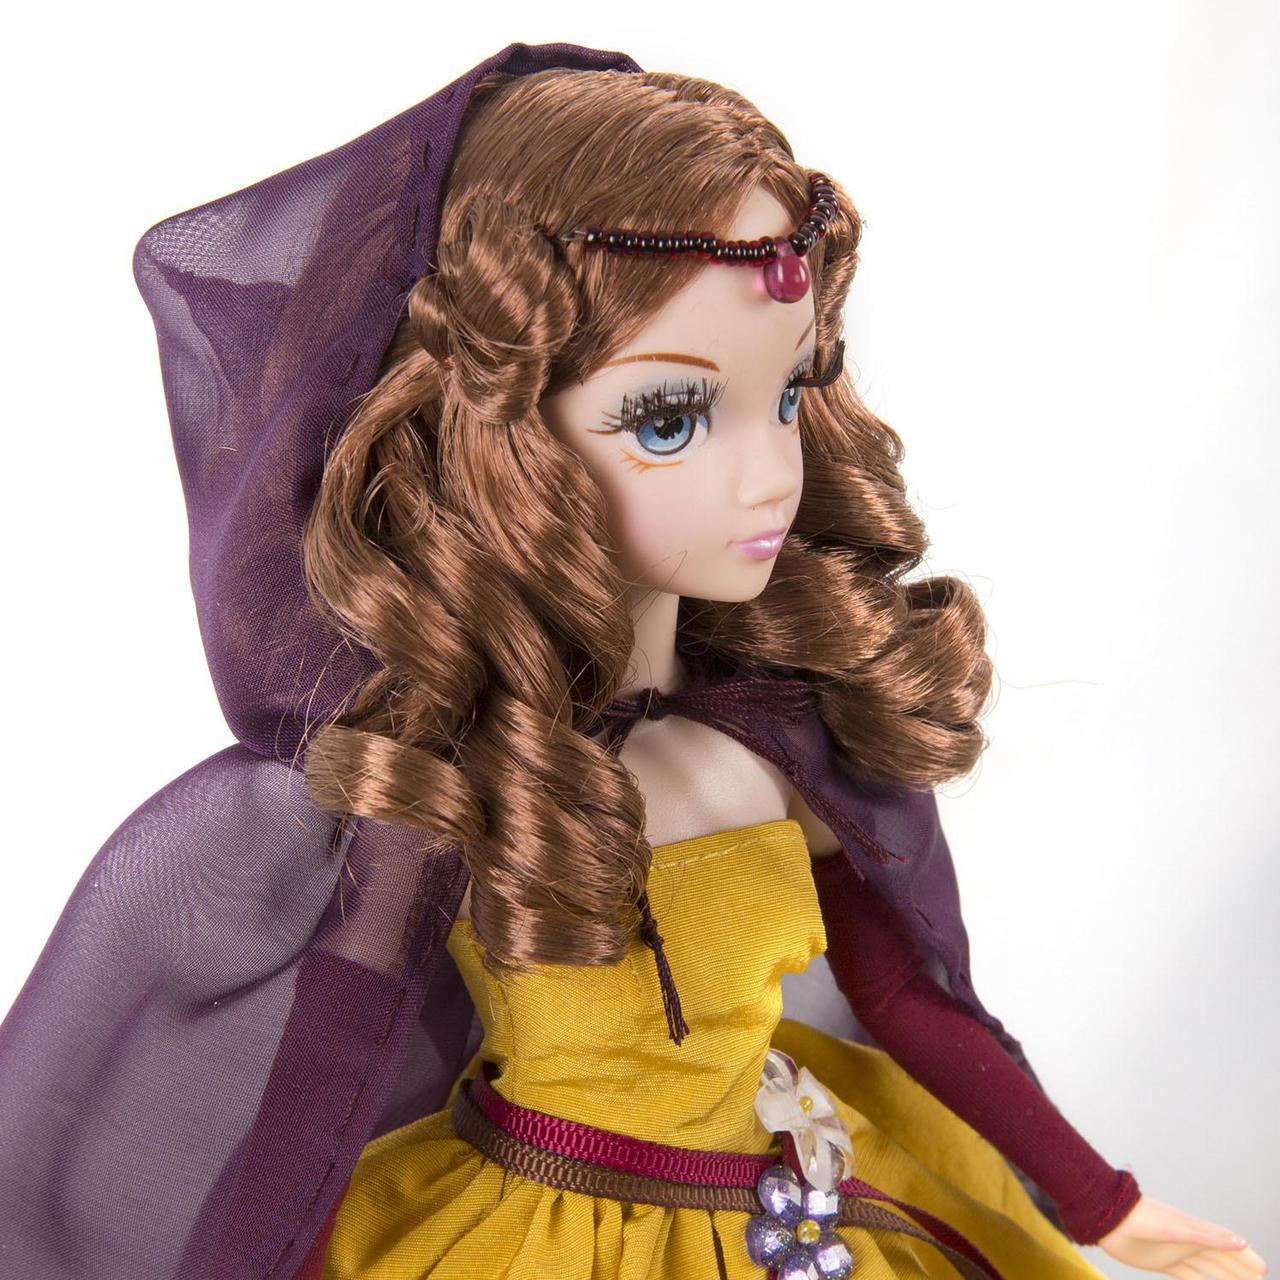 """Кукла Sonya Rose, серия """"Gold collection"""" платье Эльза (Gulliver, Россия) - фото 6"""